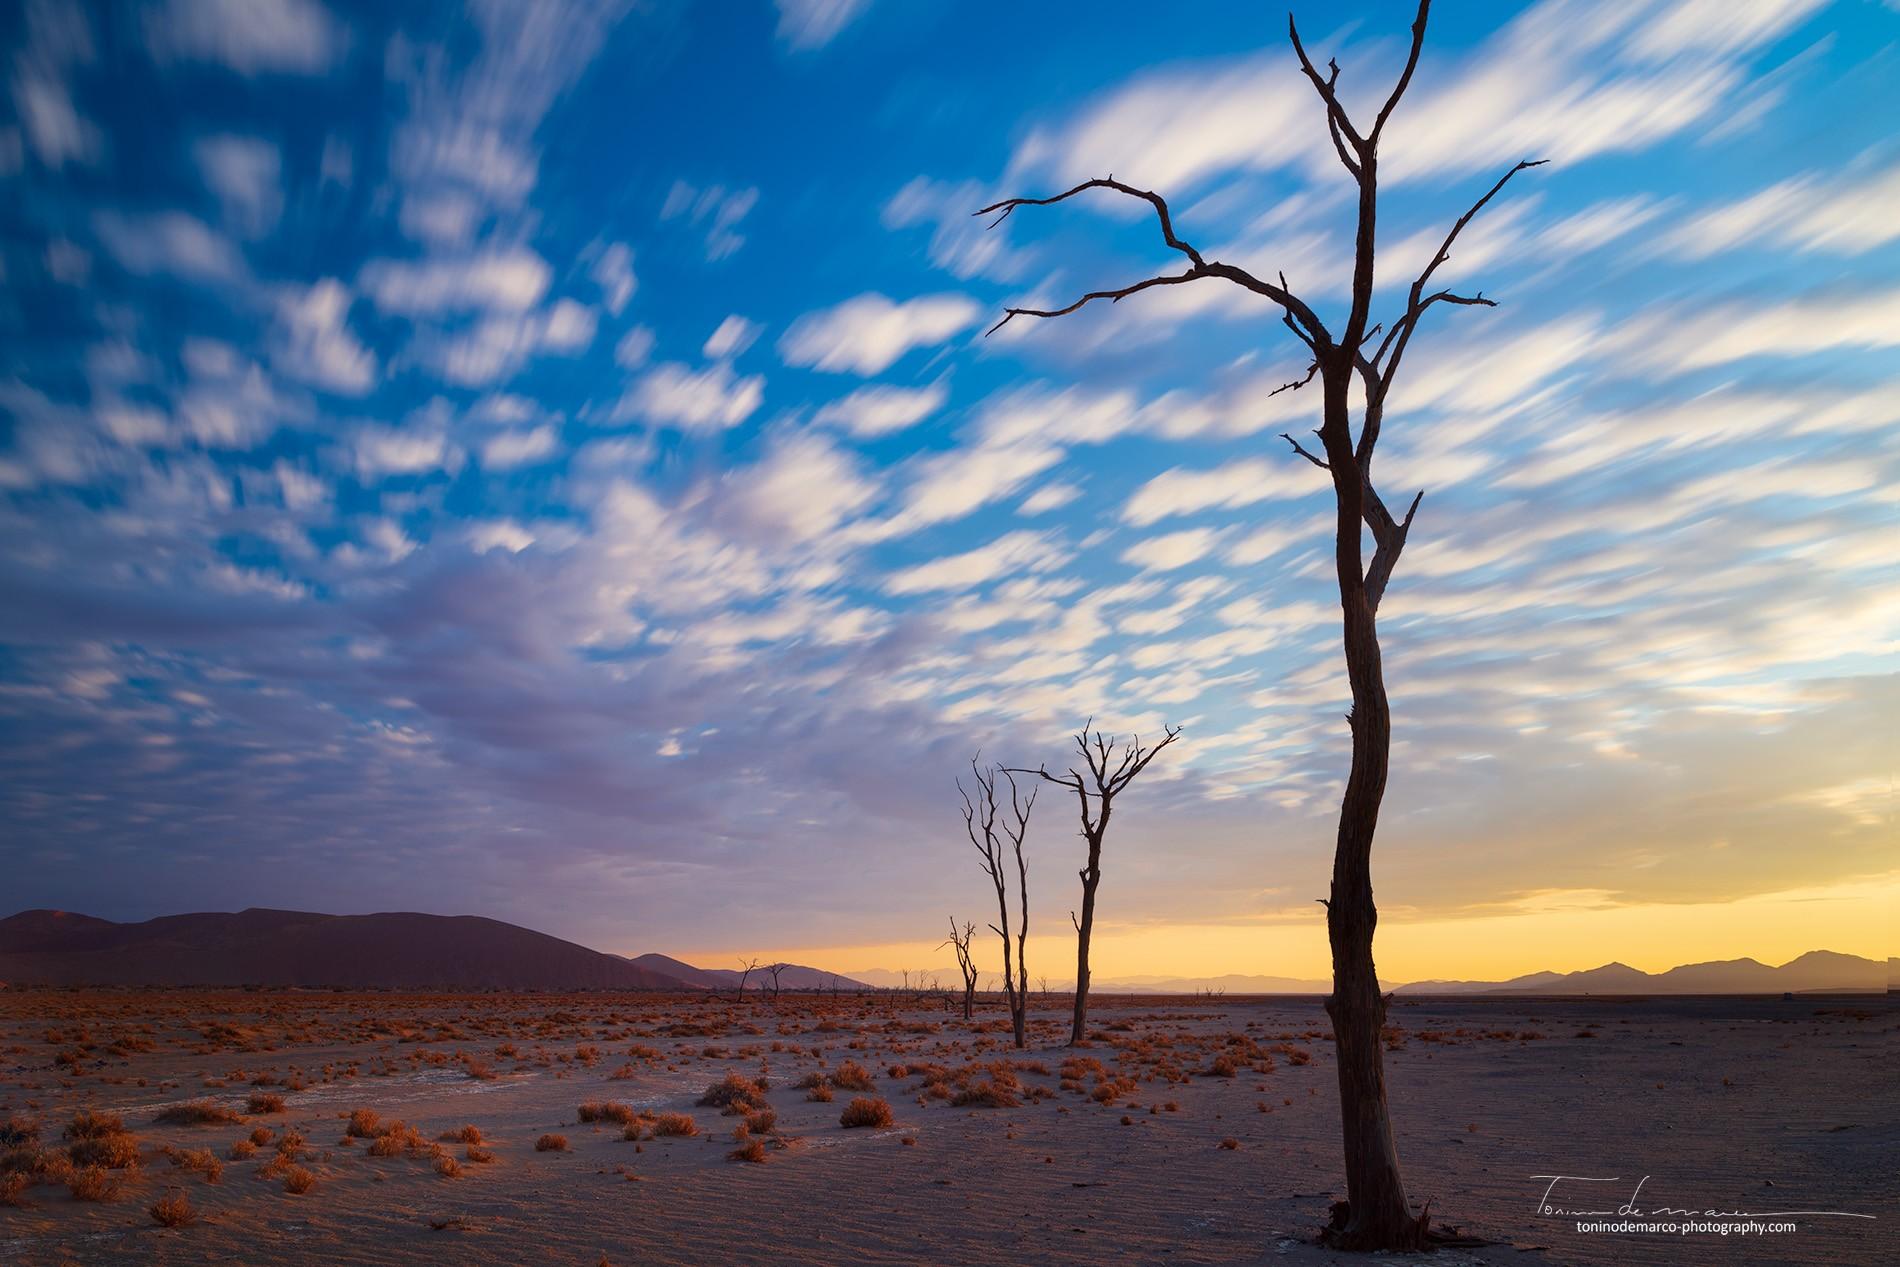 Landscape_Namibia_019